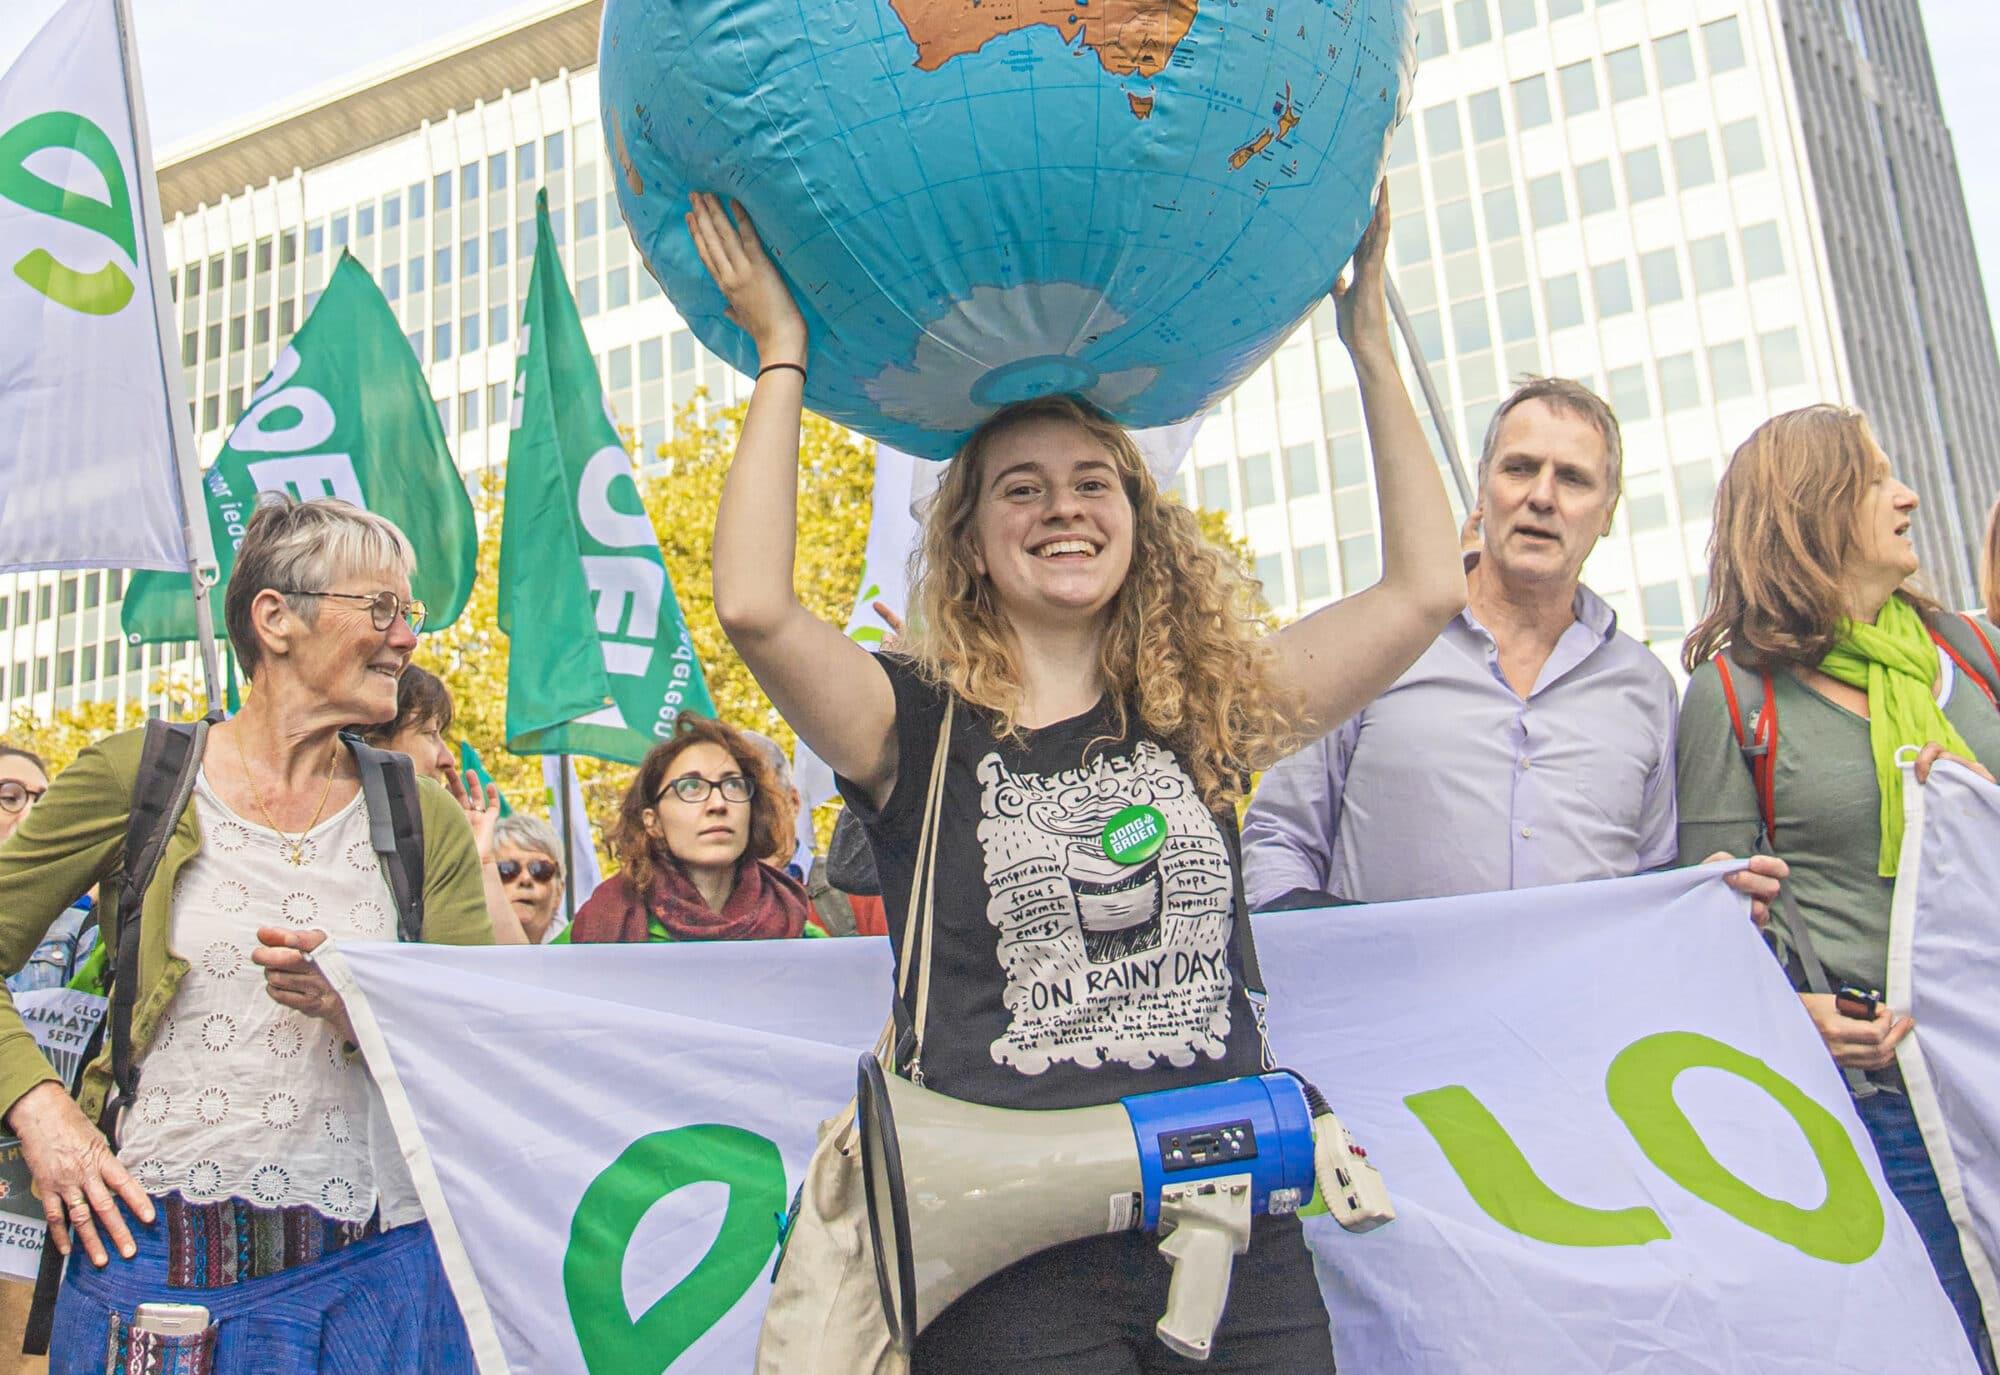 Manifestation d'Ecolo, une militante porte un ballon gonflable en forme de planète